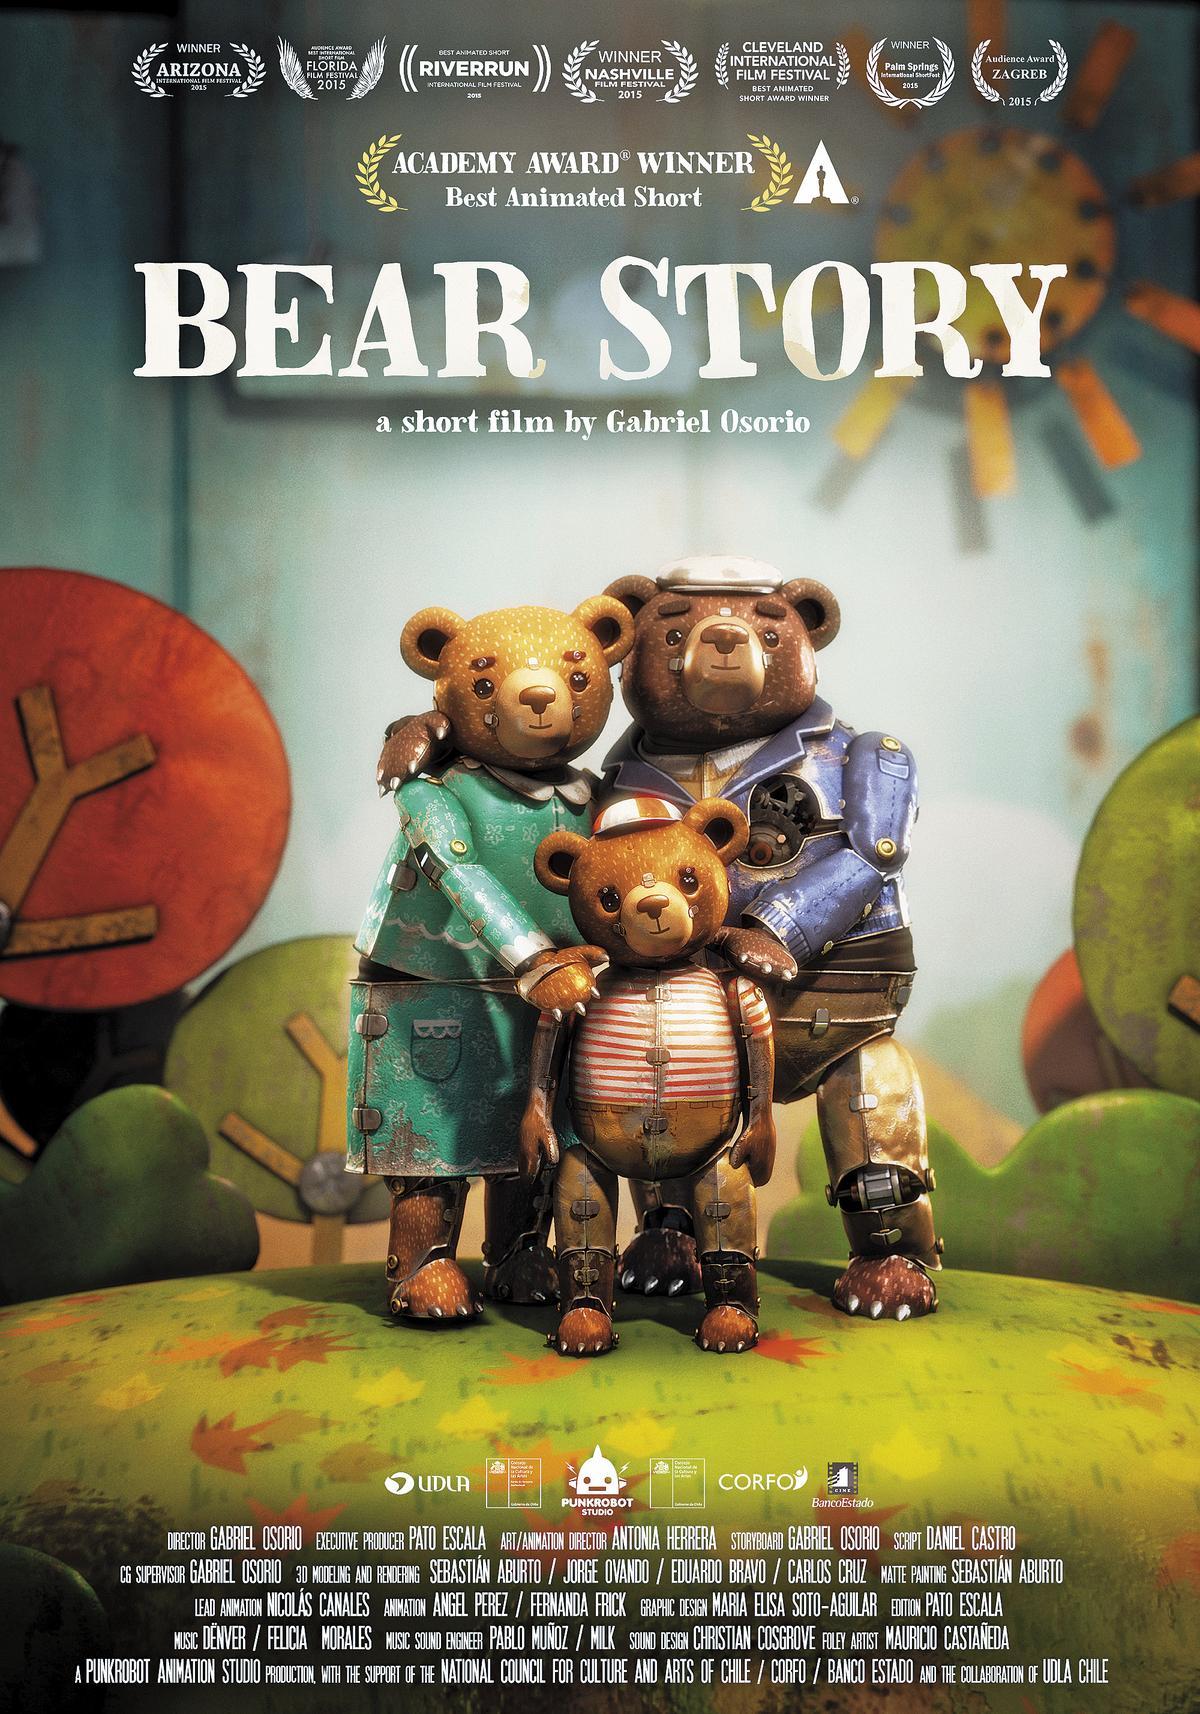 智利小型動畫工作室Punkrobot耗時6年製作《熊的故事》,前後奪得55個國際大獎,最後抱回第88屆奧斯卡金像獎。(Punkrobot Studio提供)